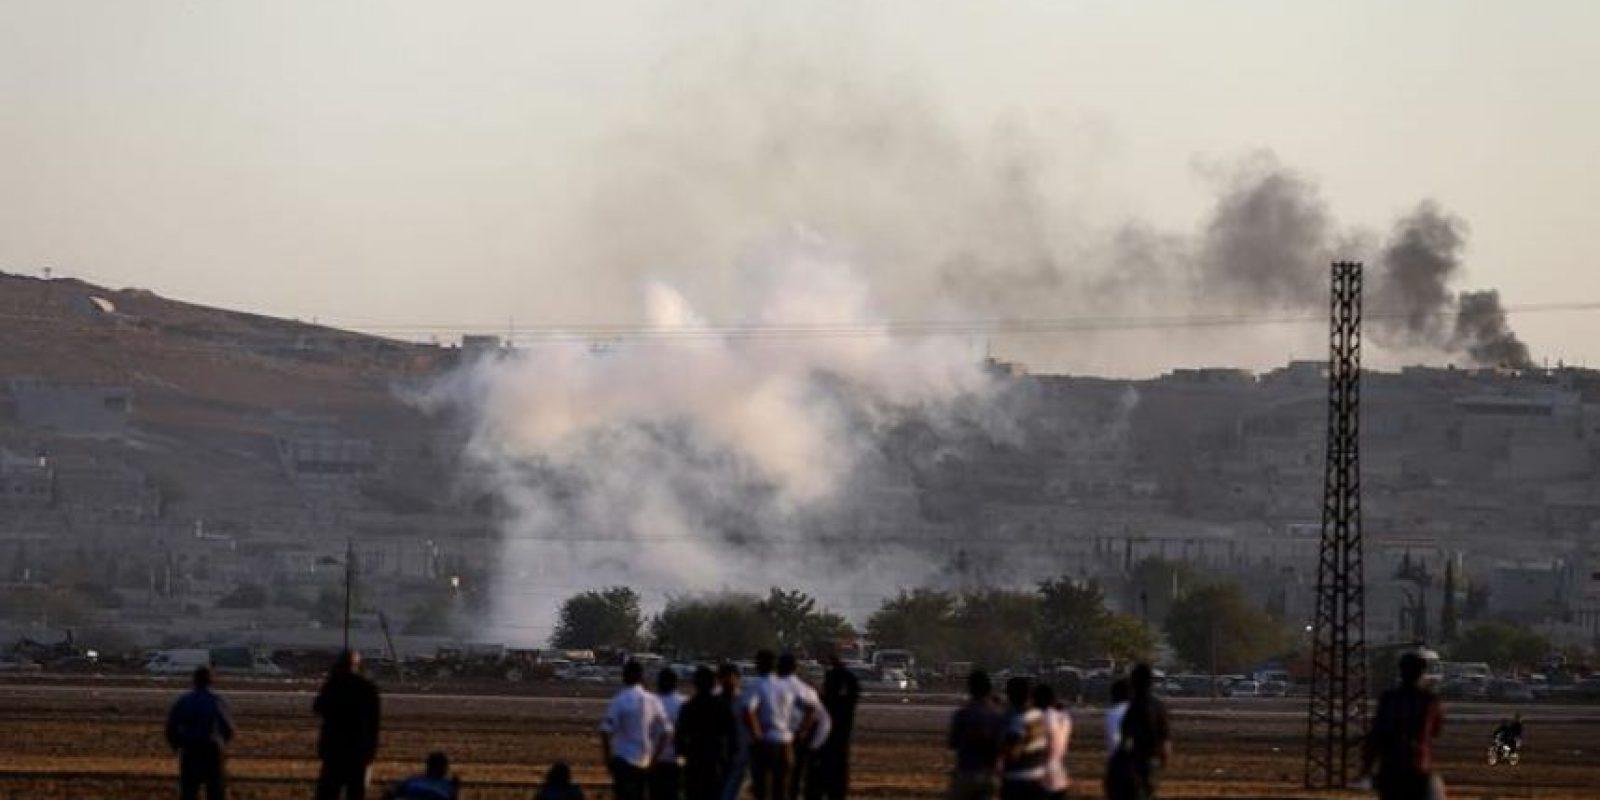 Fotografía hecha ayer desde Turquía que muestra una columna de humo tras un ataque aéreo de las tropas aliadas contra posiciones del Estado Islámico (EI) en el este de la ciudad siria de Kobani. EFE